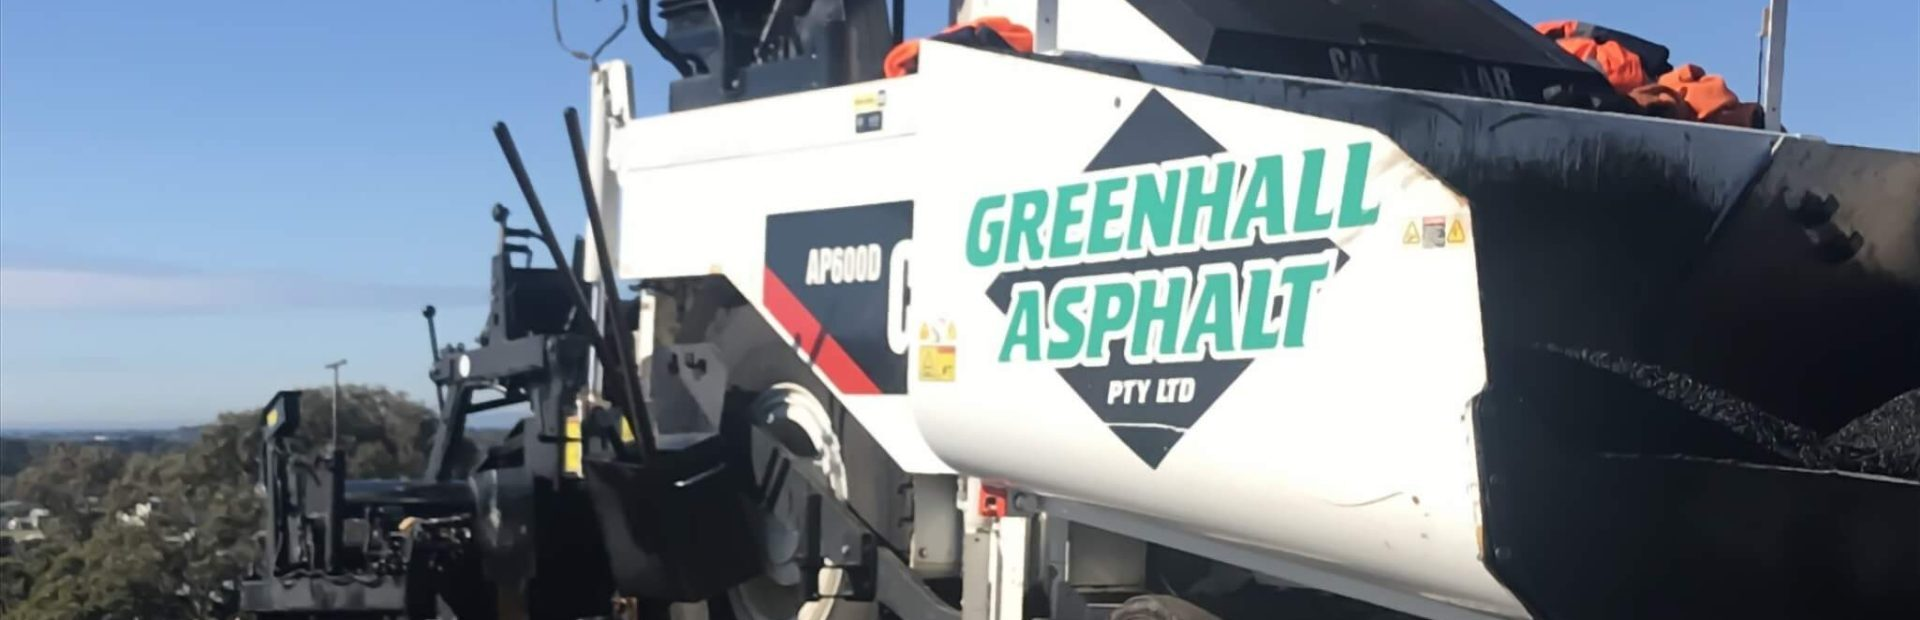 Greenhall Asphalt - Careers